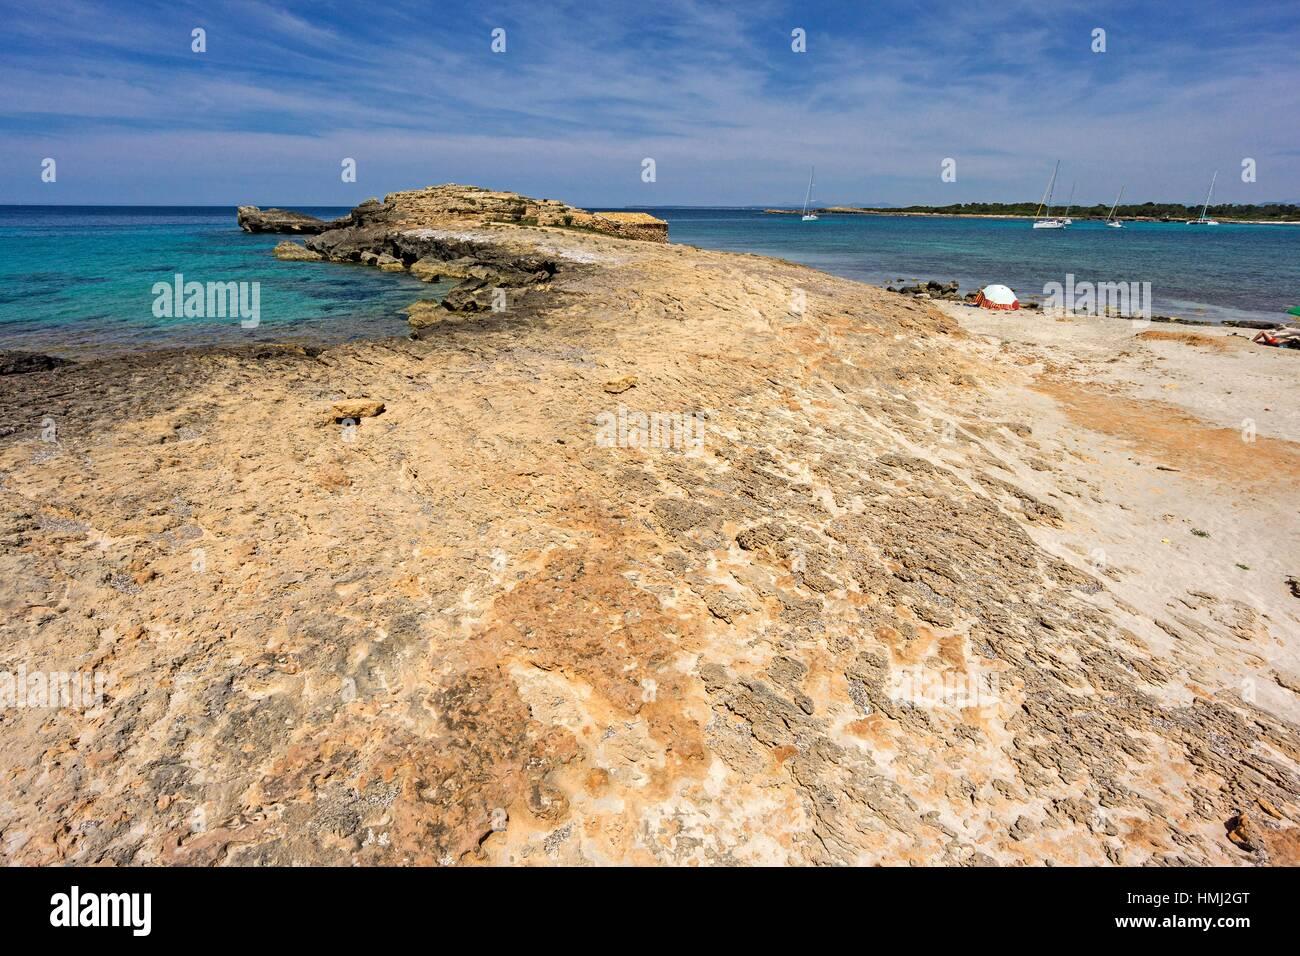 Punta Negra, Santanyi, Ã. rea Natural de Especial Interés, Mallorca, Balearic Islands, Spain - Stock Image